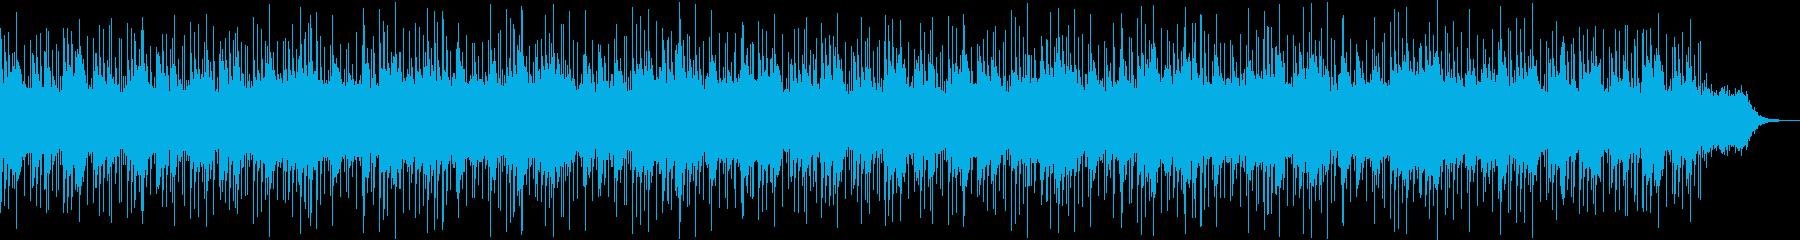 キレイな響きのリラクゼーション曲の再生済みの波形